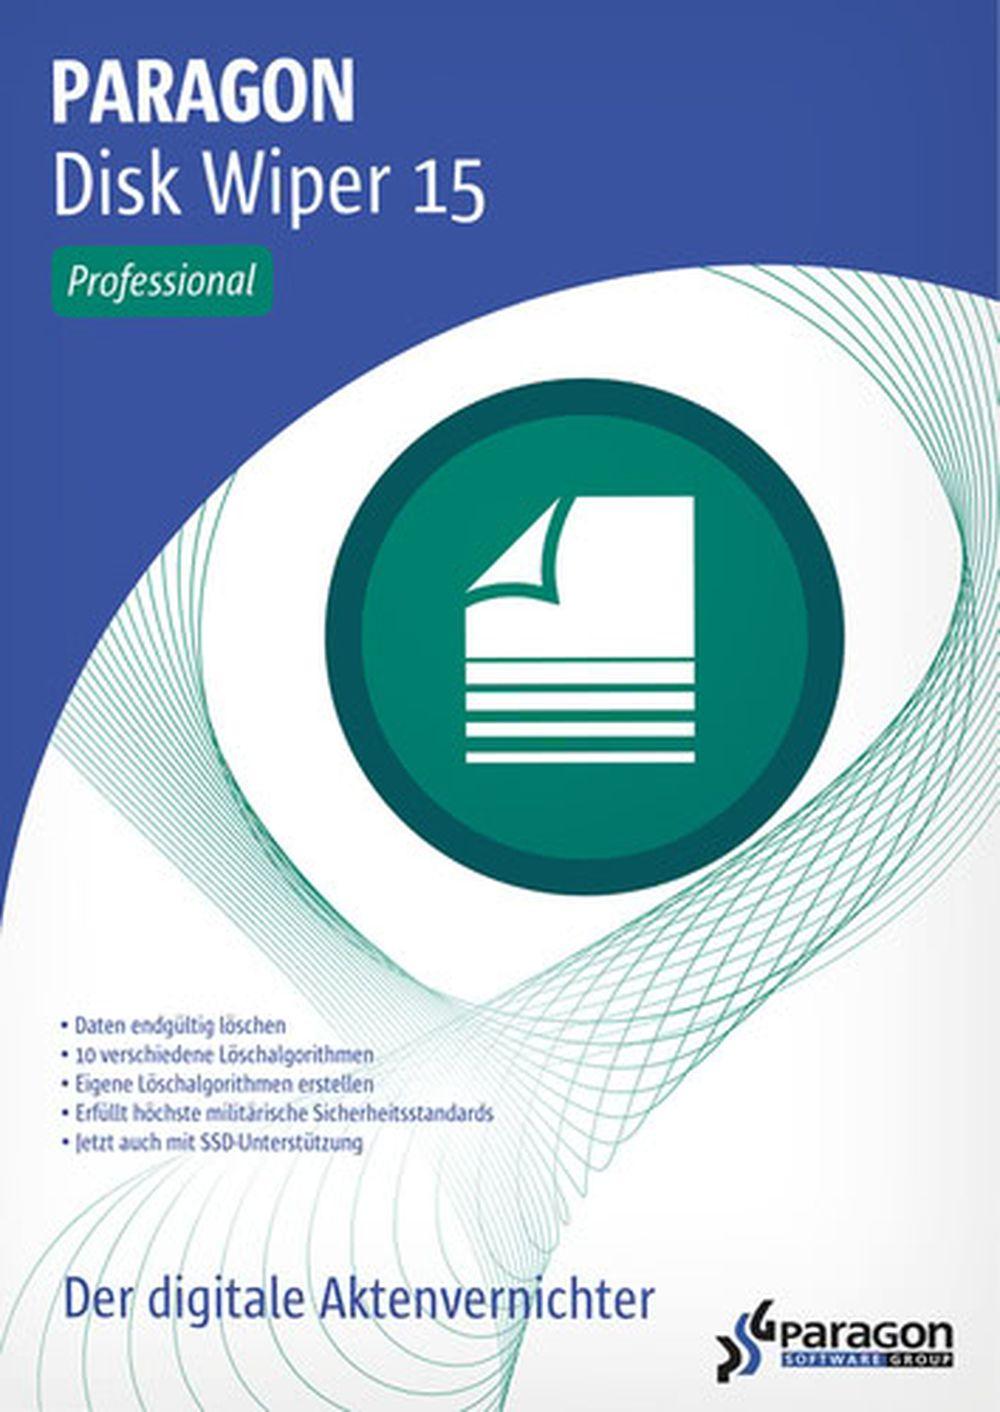 Disk Wiper 15 Professional - Nach höchsten militärischen und behördlichen Sicherheitsstandards Daten endgültig löschen! Windows 10, 8.1, 8, 7, Vista, XP - Festplatte Löschen